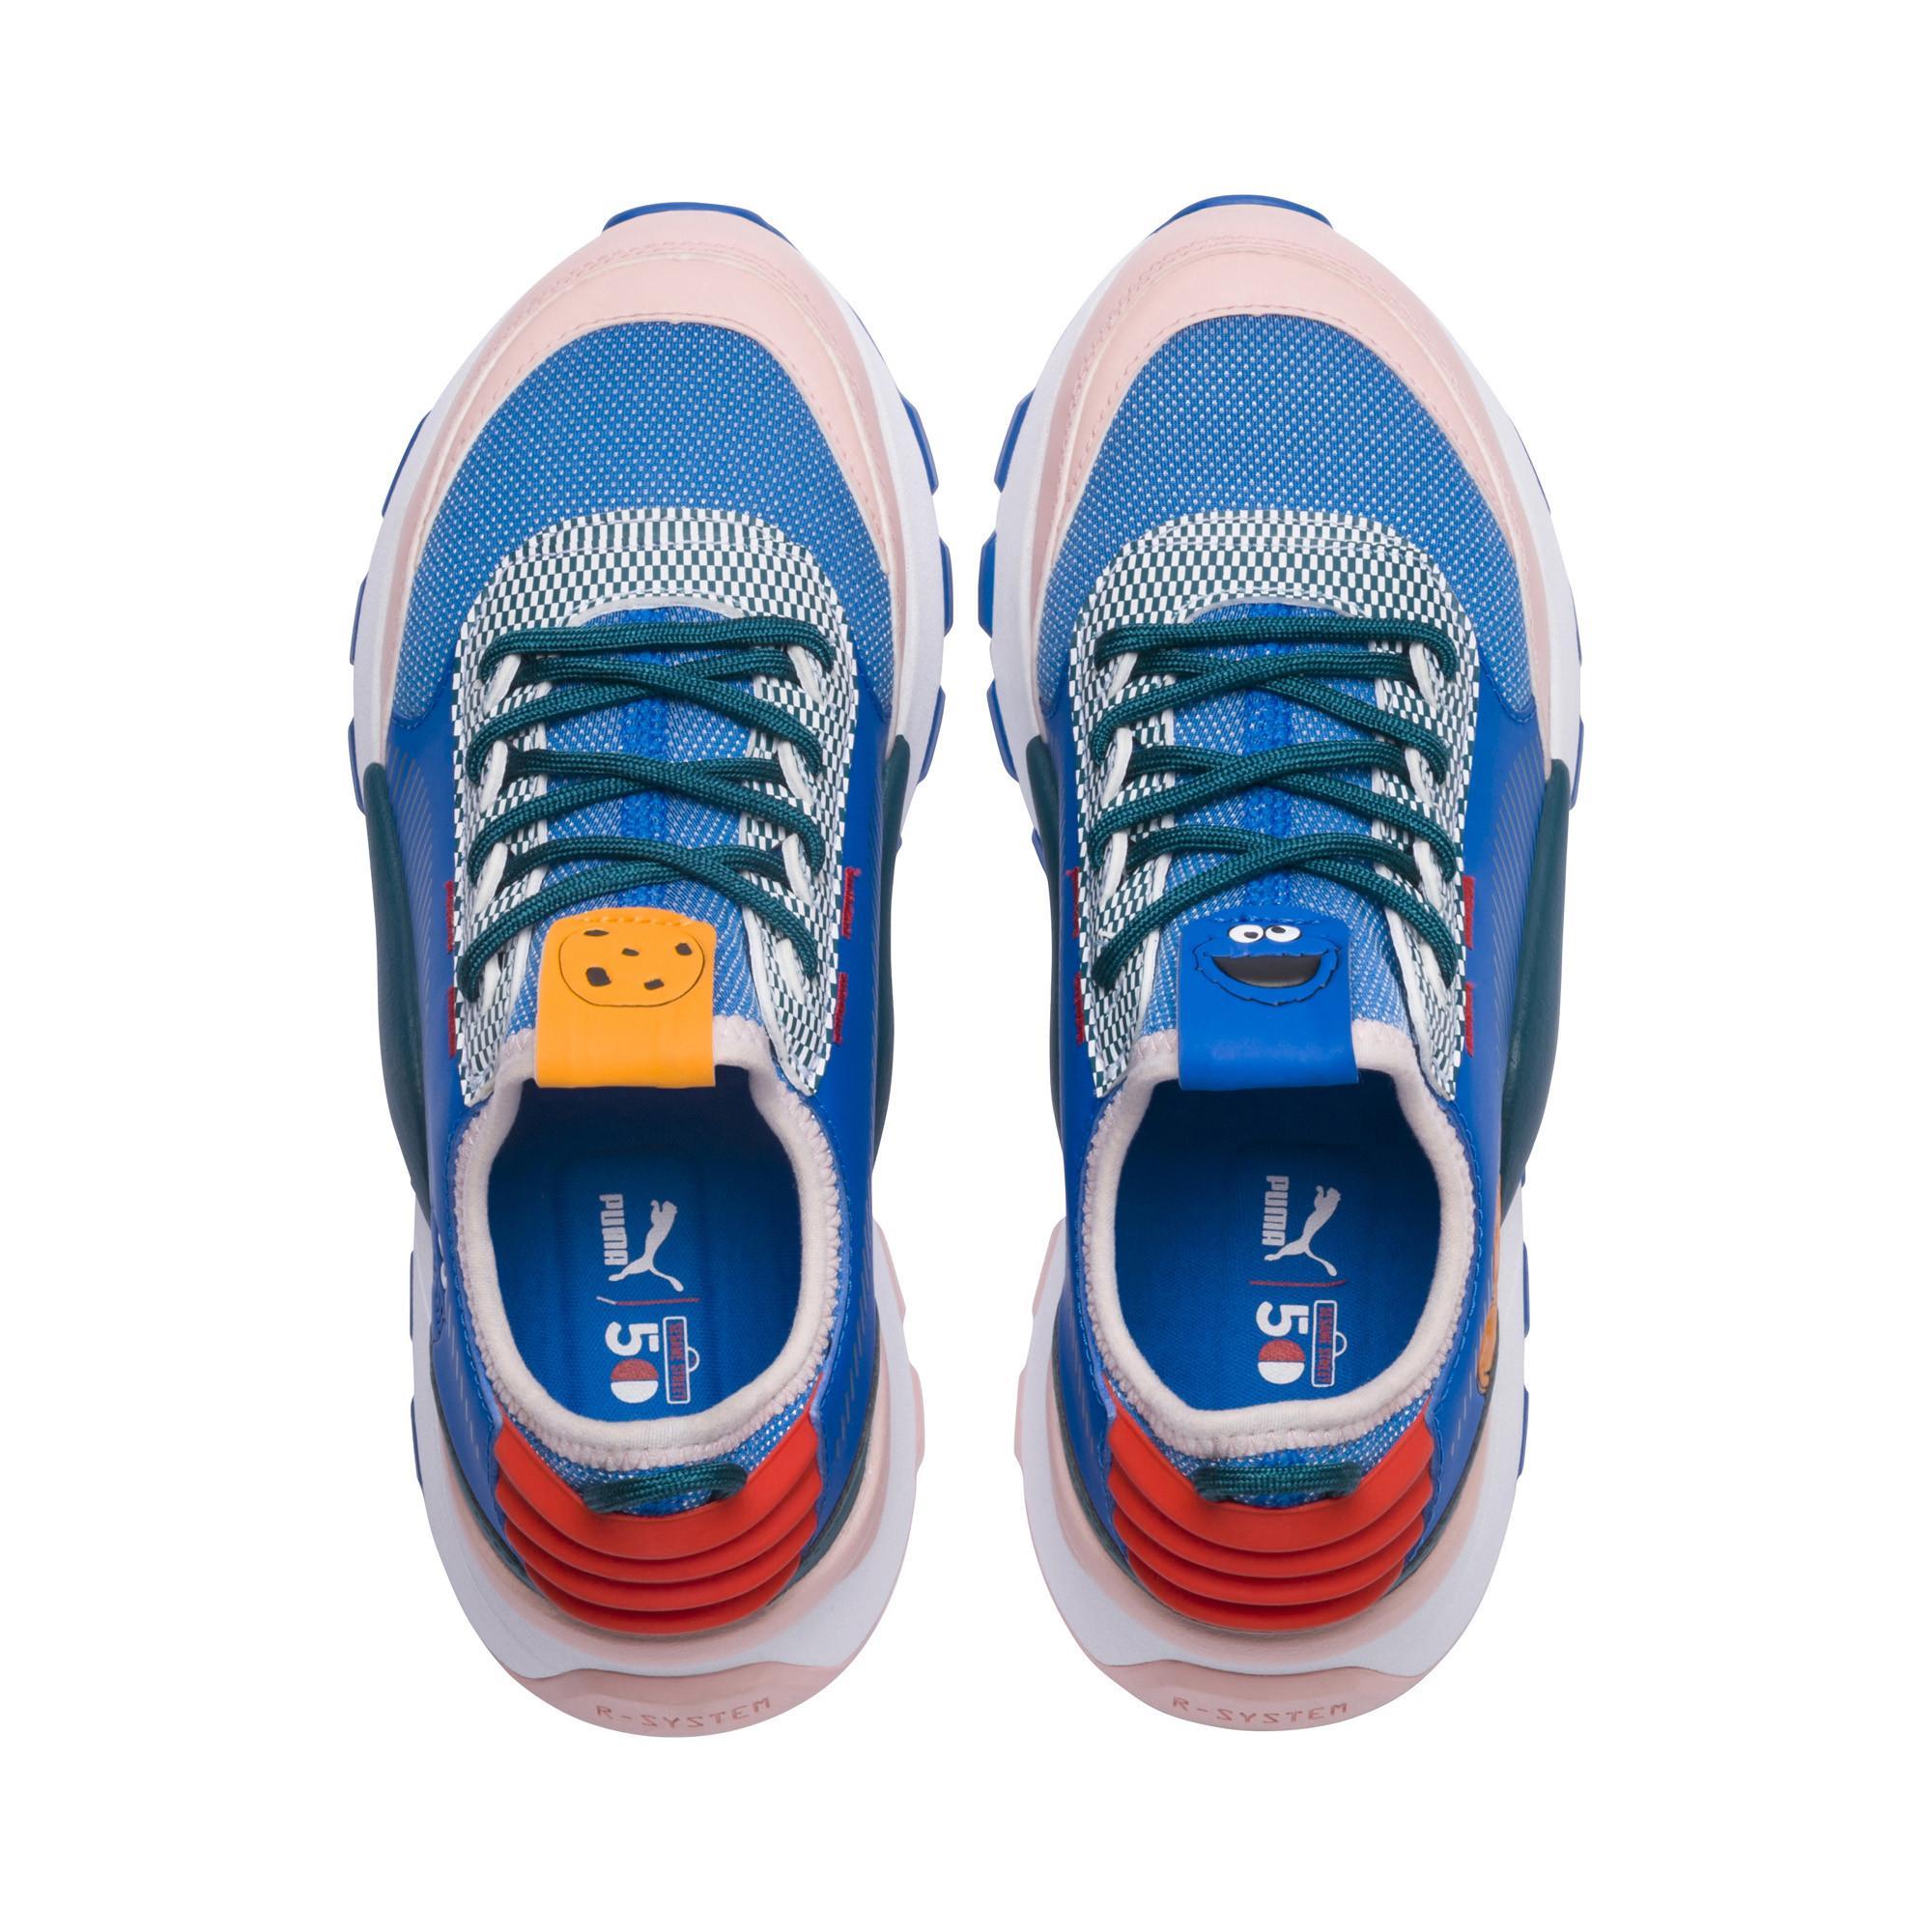 3f52bec5ddd51c PUMA - Blue Sesame Street 50 Rs-0 Sneakers Jr - Lyst. View fullscreen